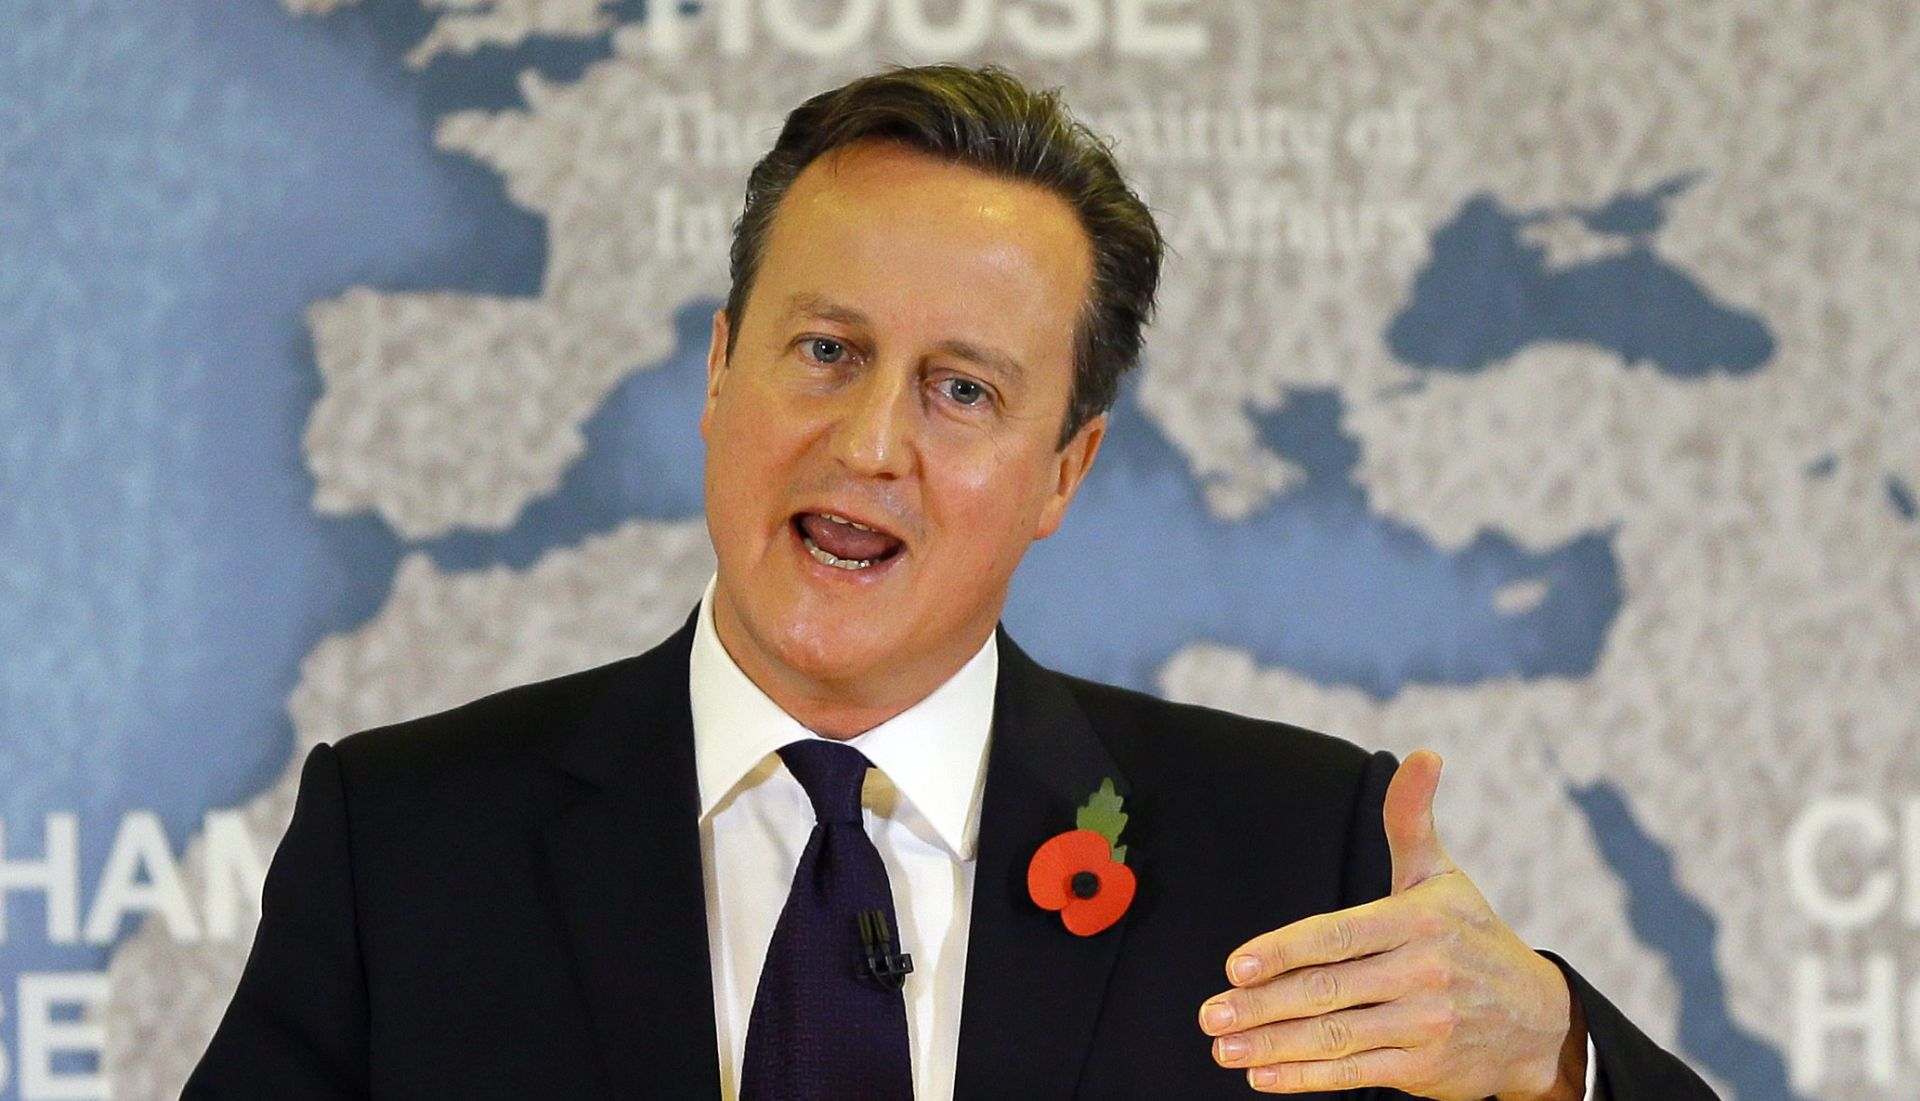 ŽELI ZAPOČETI AKCIJU Cameron: Vlada jednoglasna oko zračnih udara u Siriji